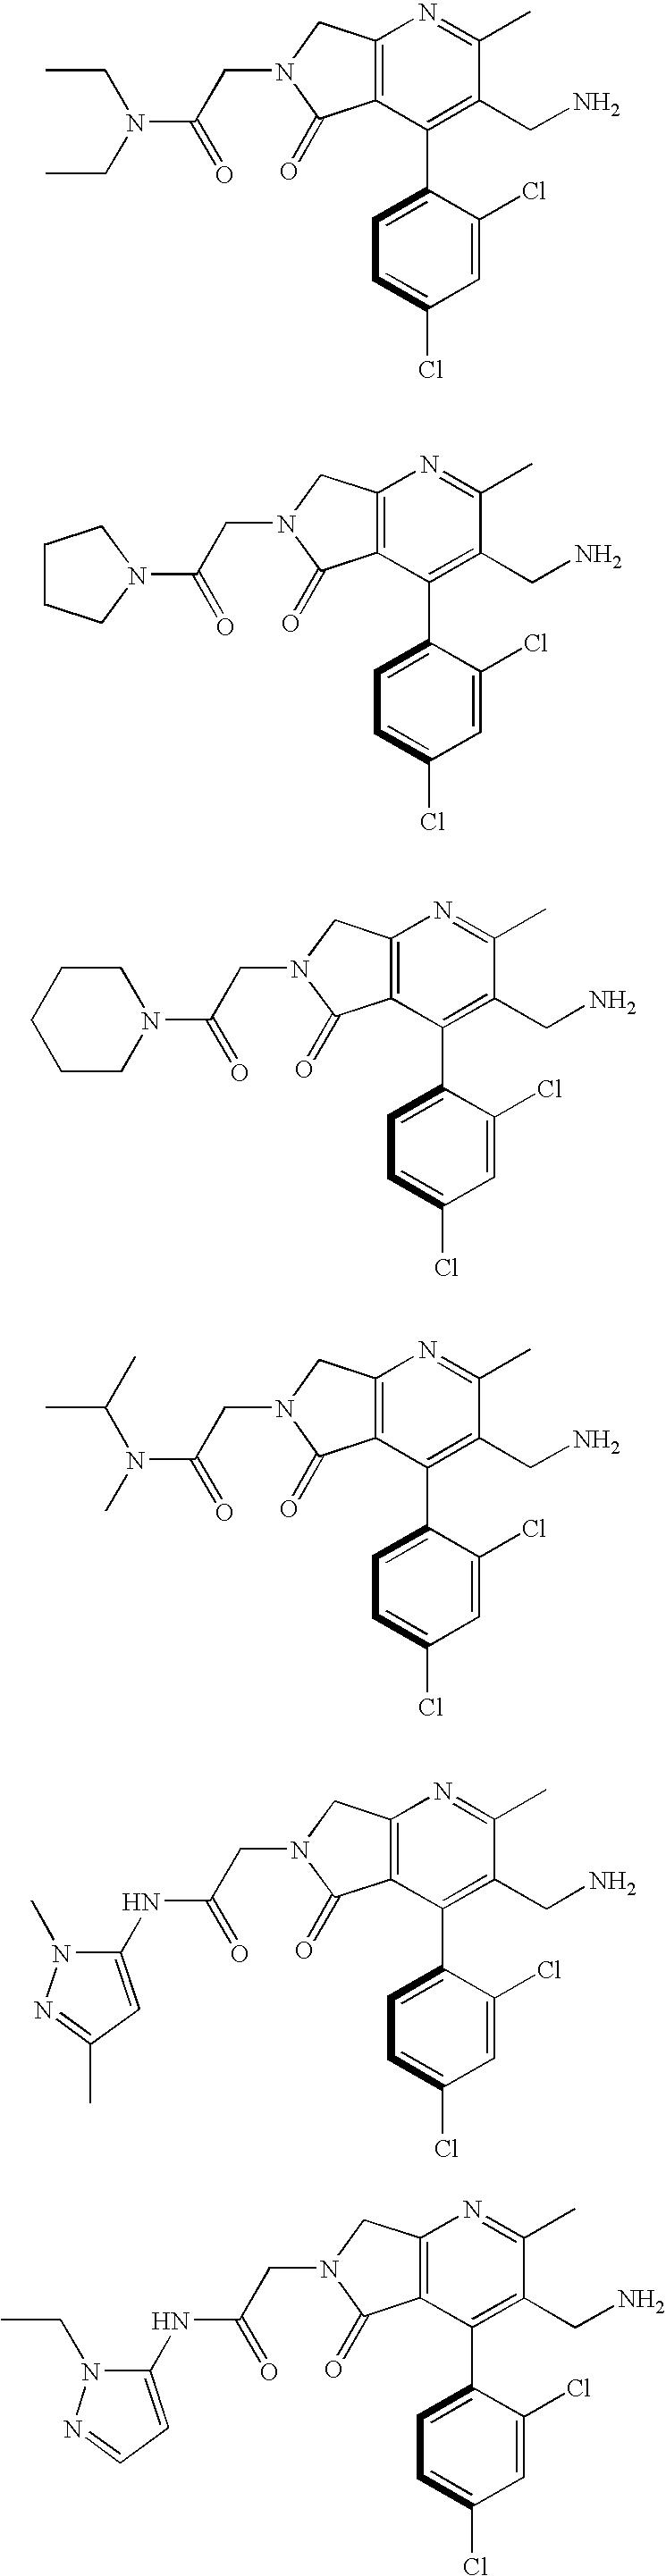 Figure US07521557-20090421-C00014